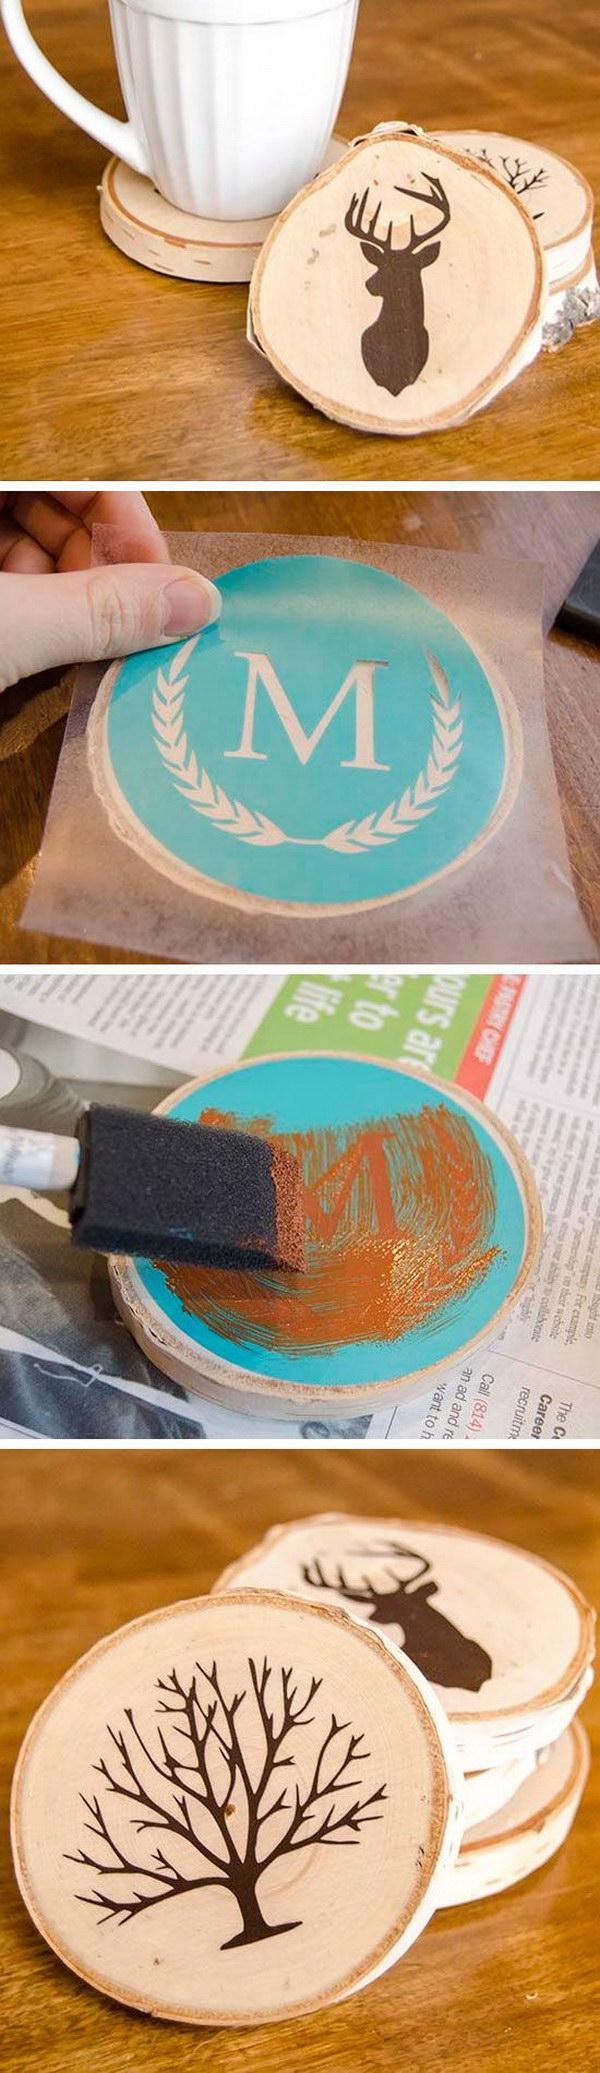 9 DIY Painted Wood Slice Coasters